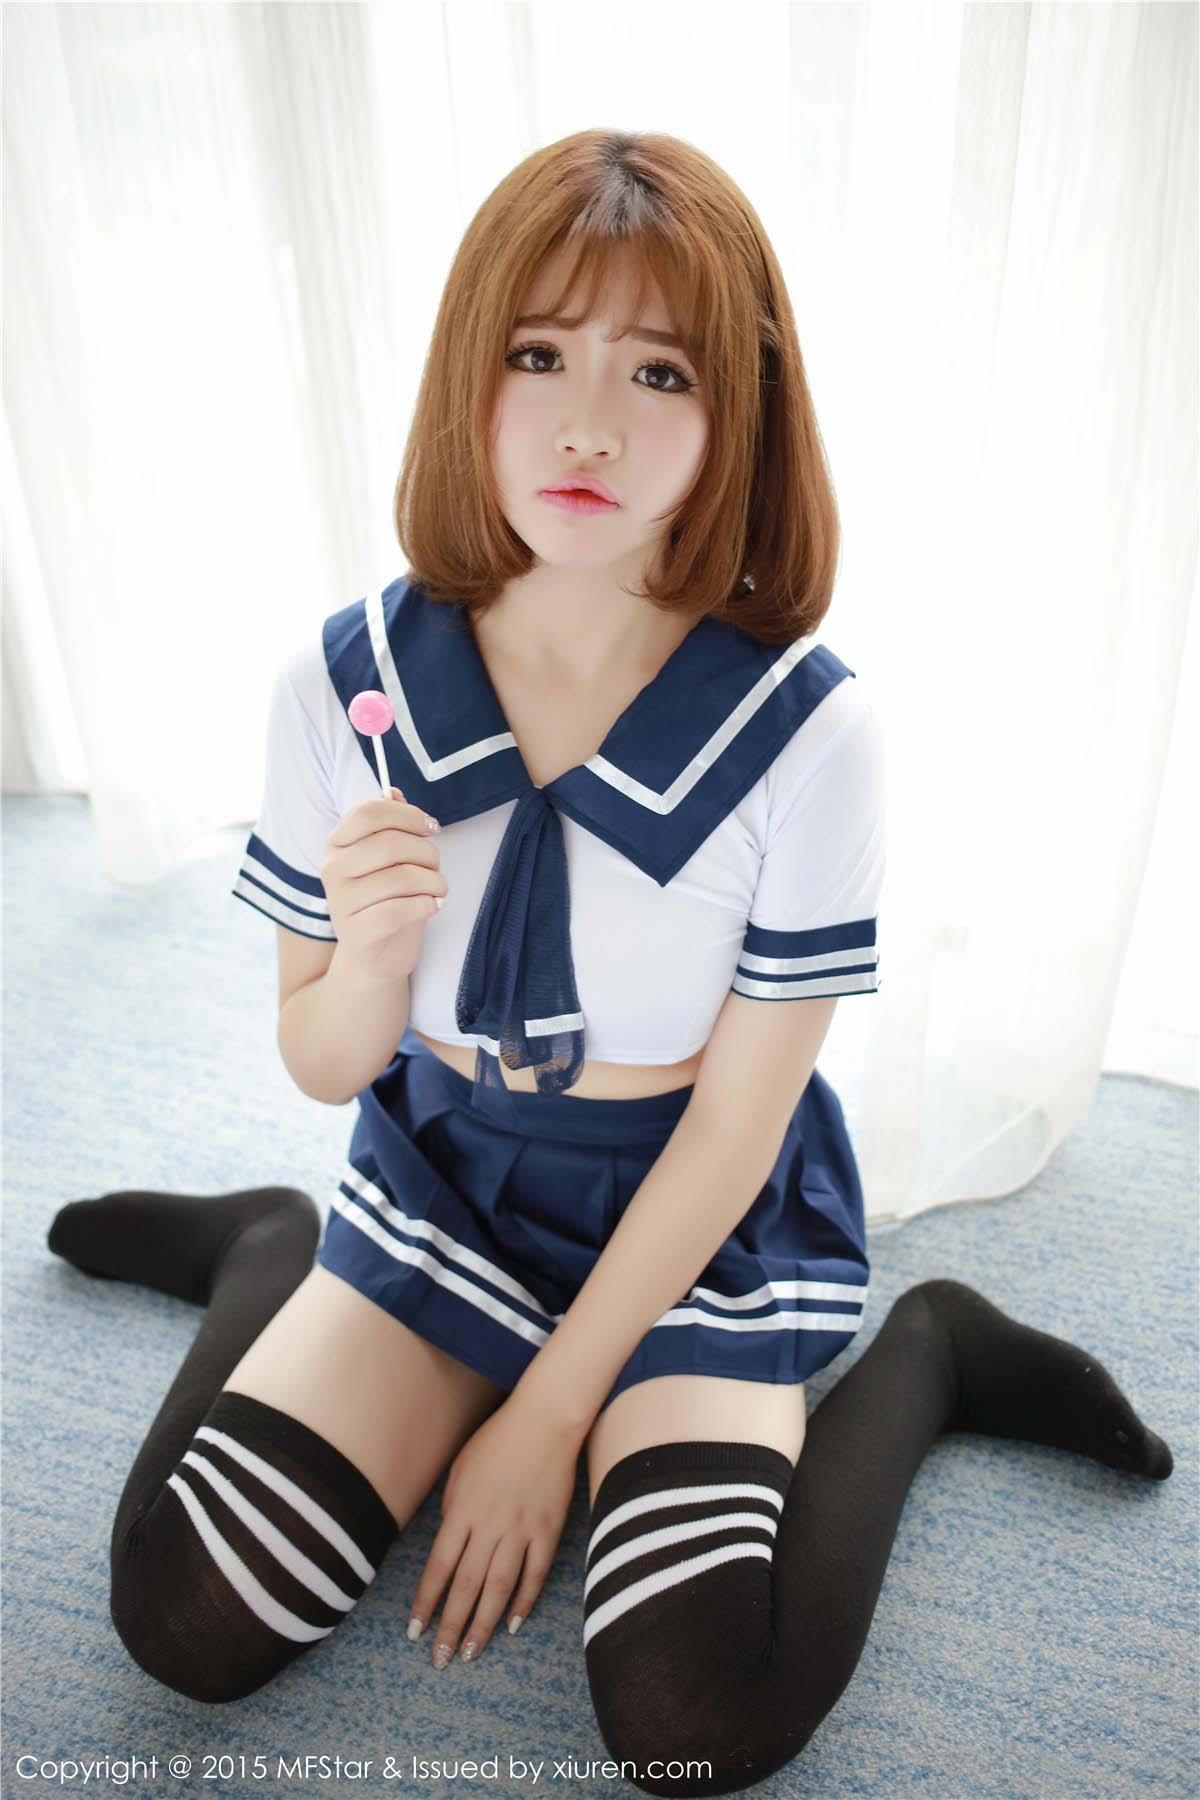 熊猫巨乳娘徐cake水手服抹胸连体清纯可爱写真52P